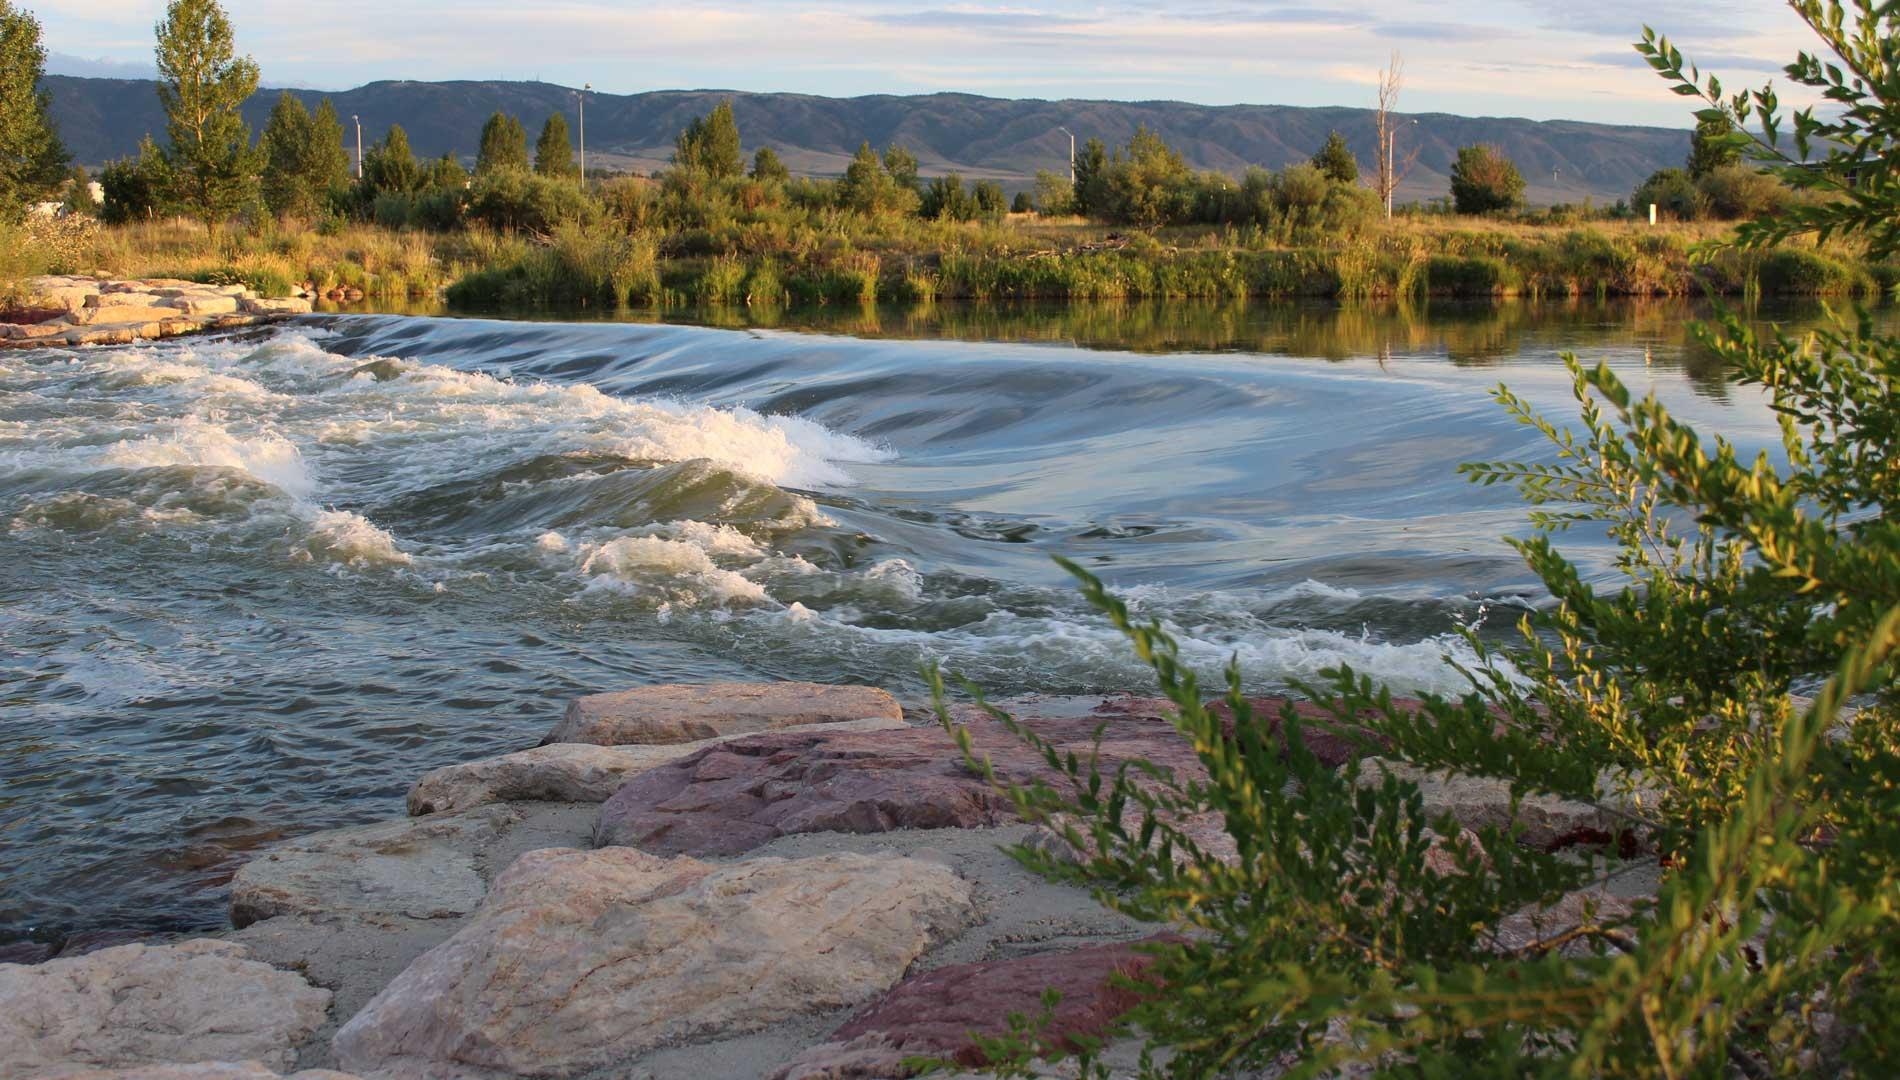 river in casper wyoming